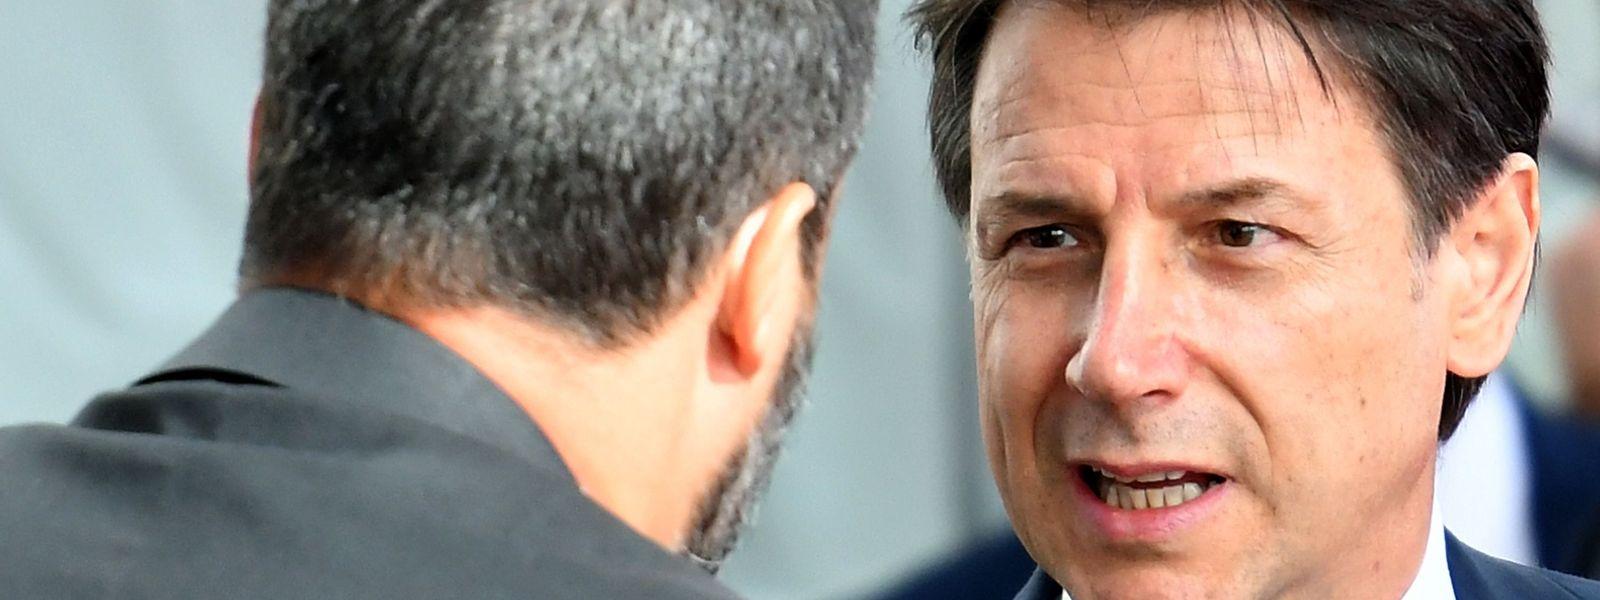 La fin de la bella vita entre Giuseppe Conte et son ministre de l'Intérieur, Matteo Salvini.